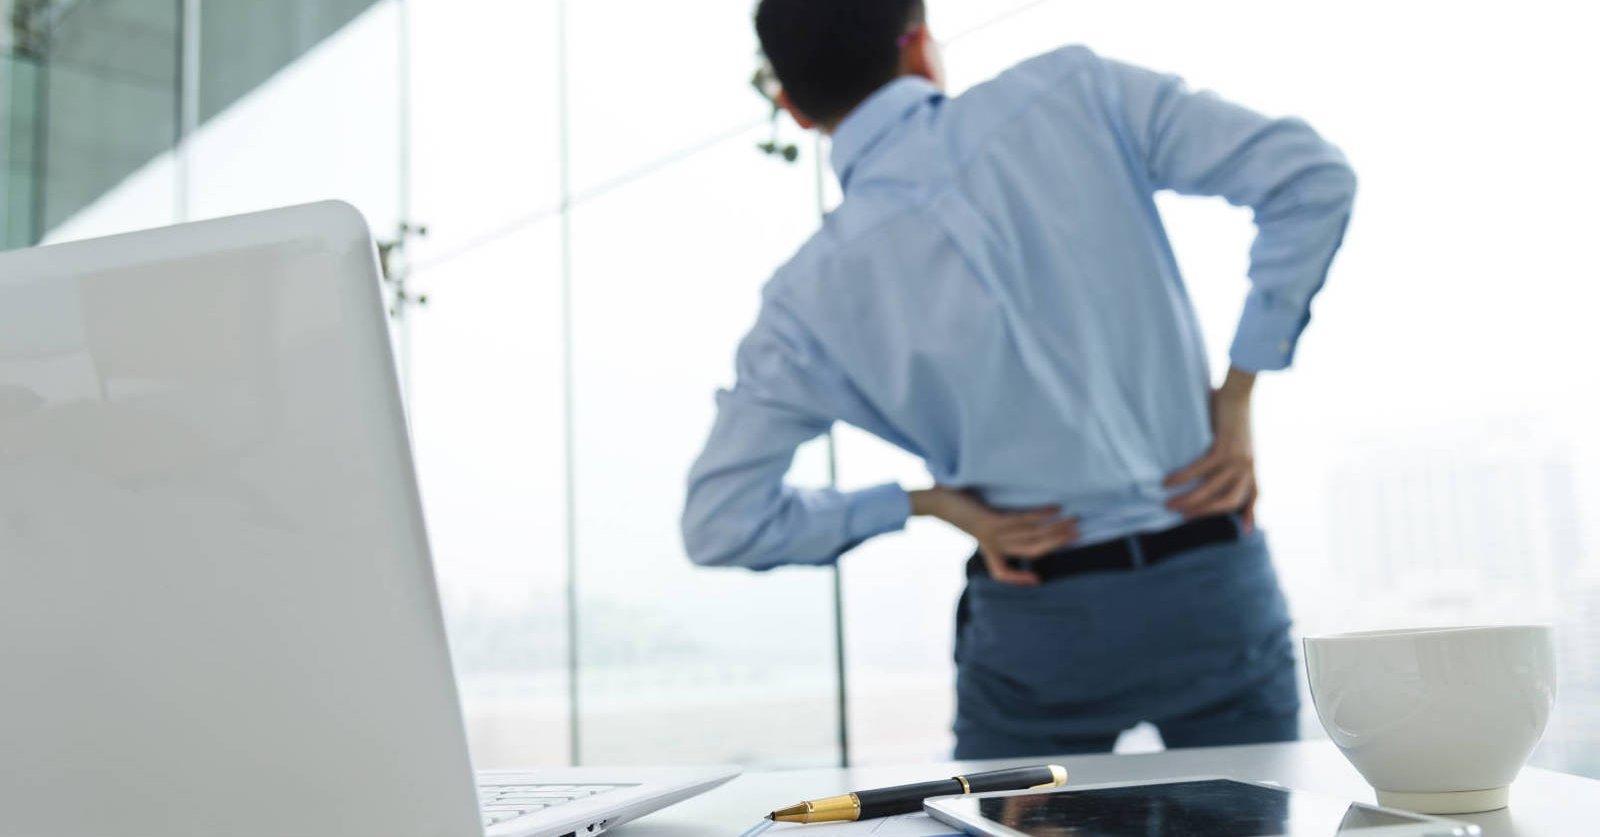 Cómo contrarrestar los riesgos para la salud de pasar 8 horas sentados